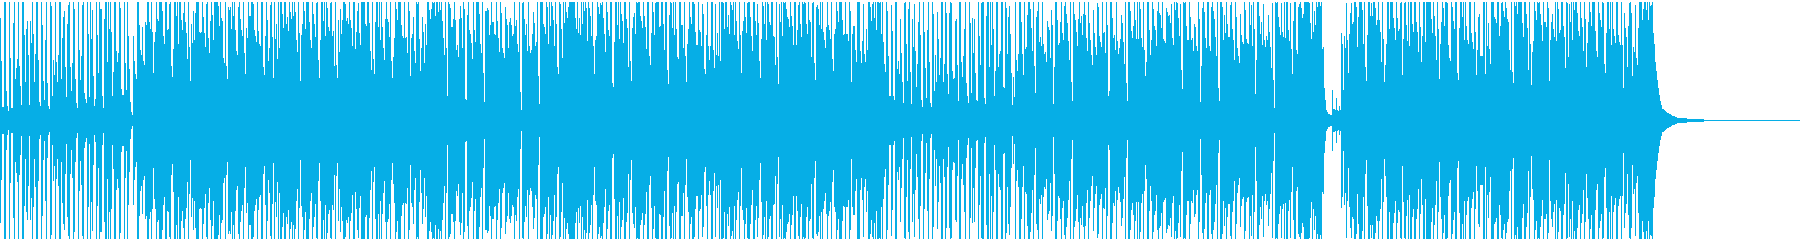 ユーチューブ風汎用性高いハッピーの再生済みの波形